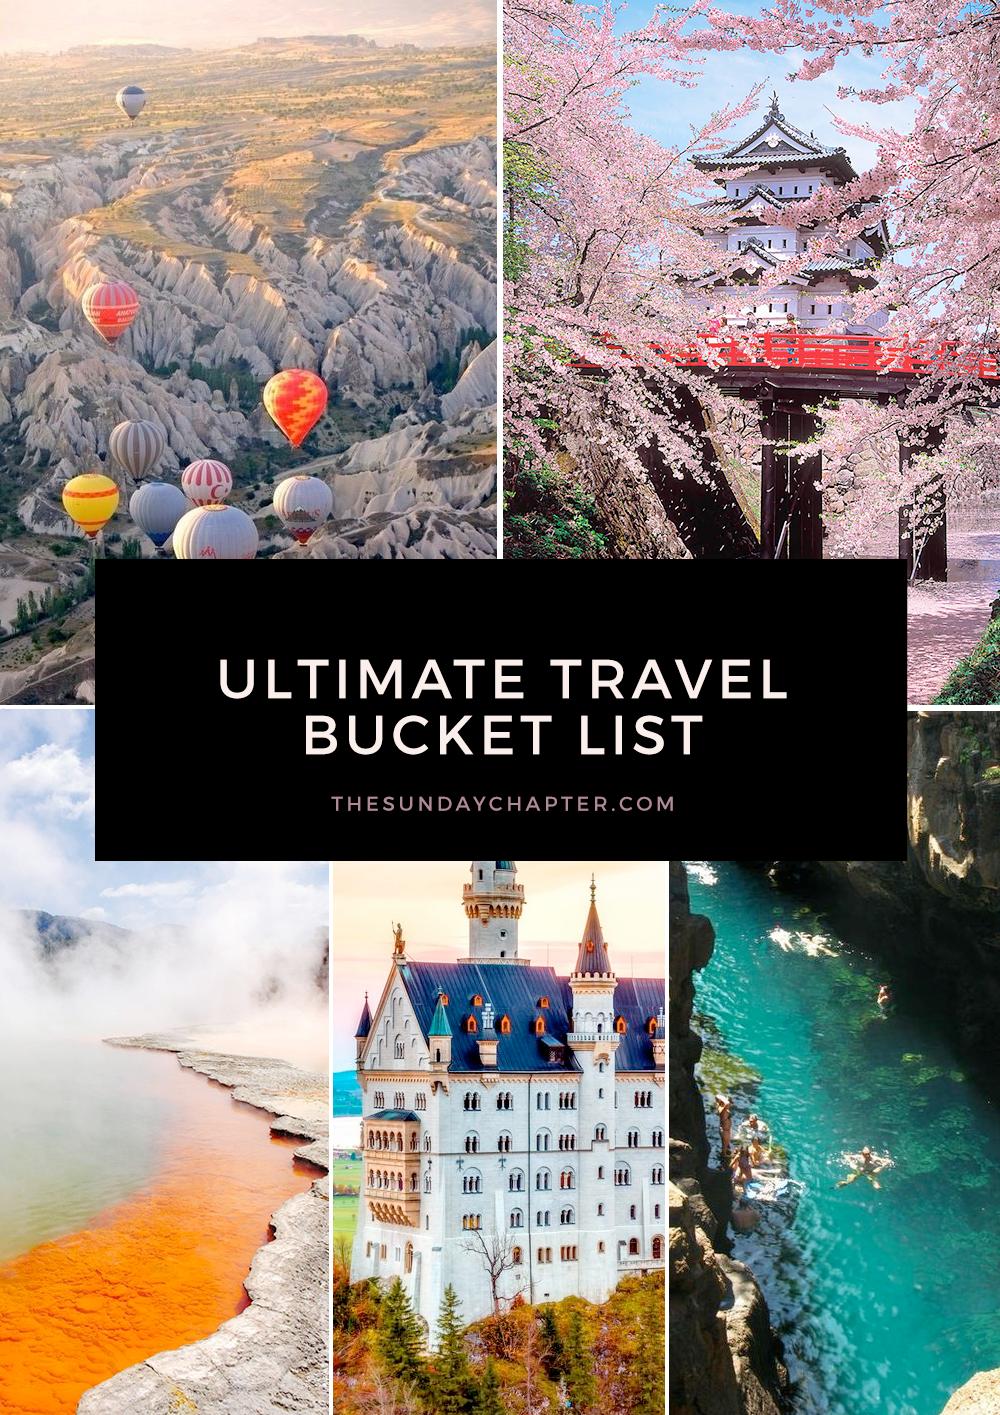 5 Bucket-List Trips That Won't Break the Budget